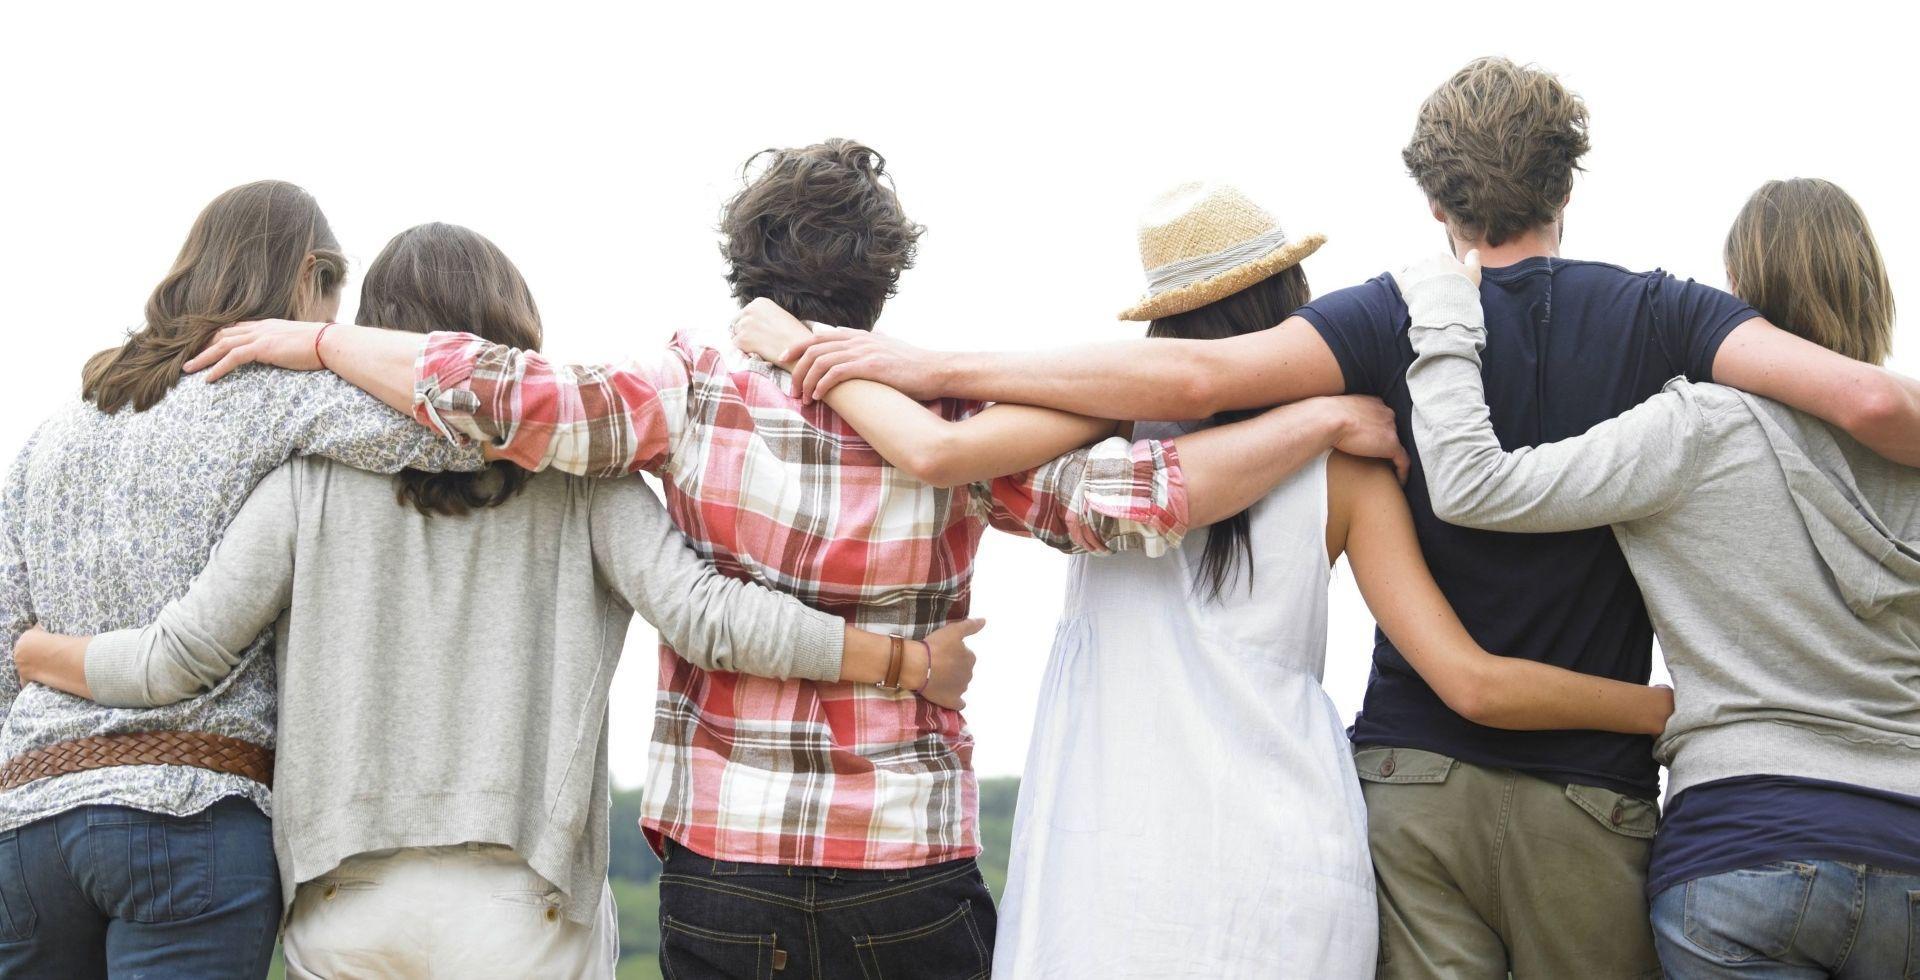 Определено точное количество людей, с которыми человек может по-настоящему дружить